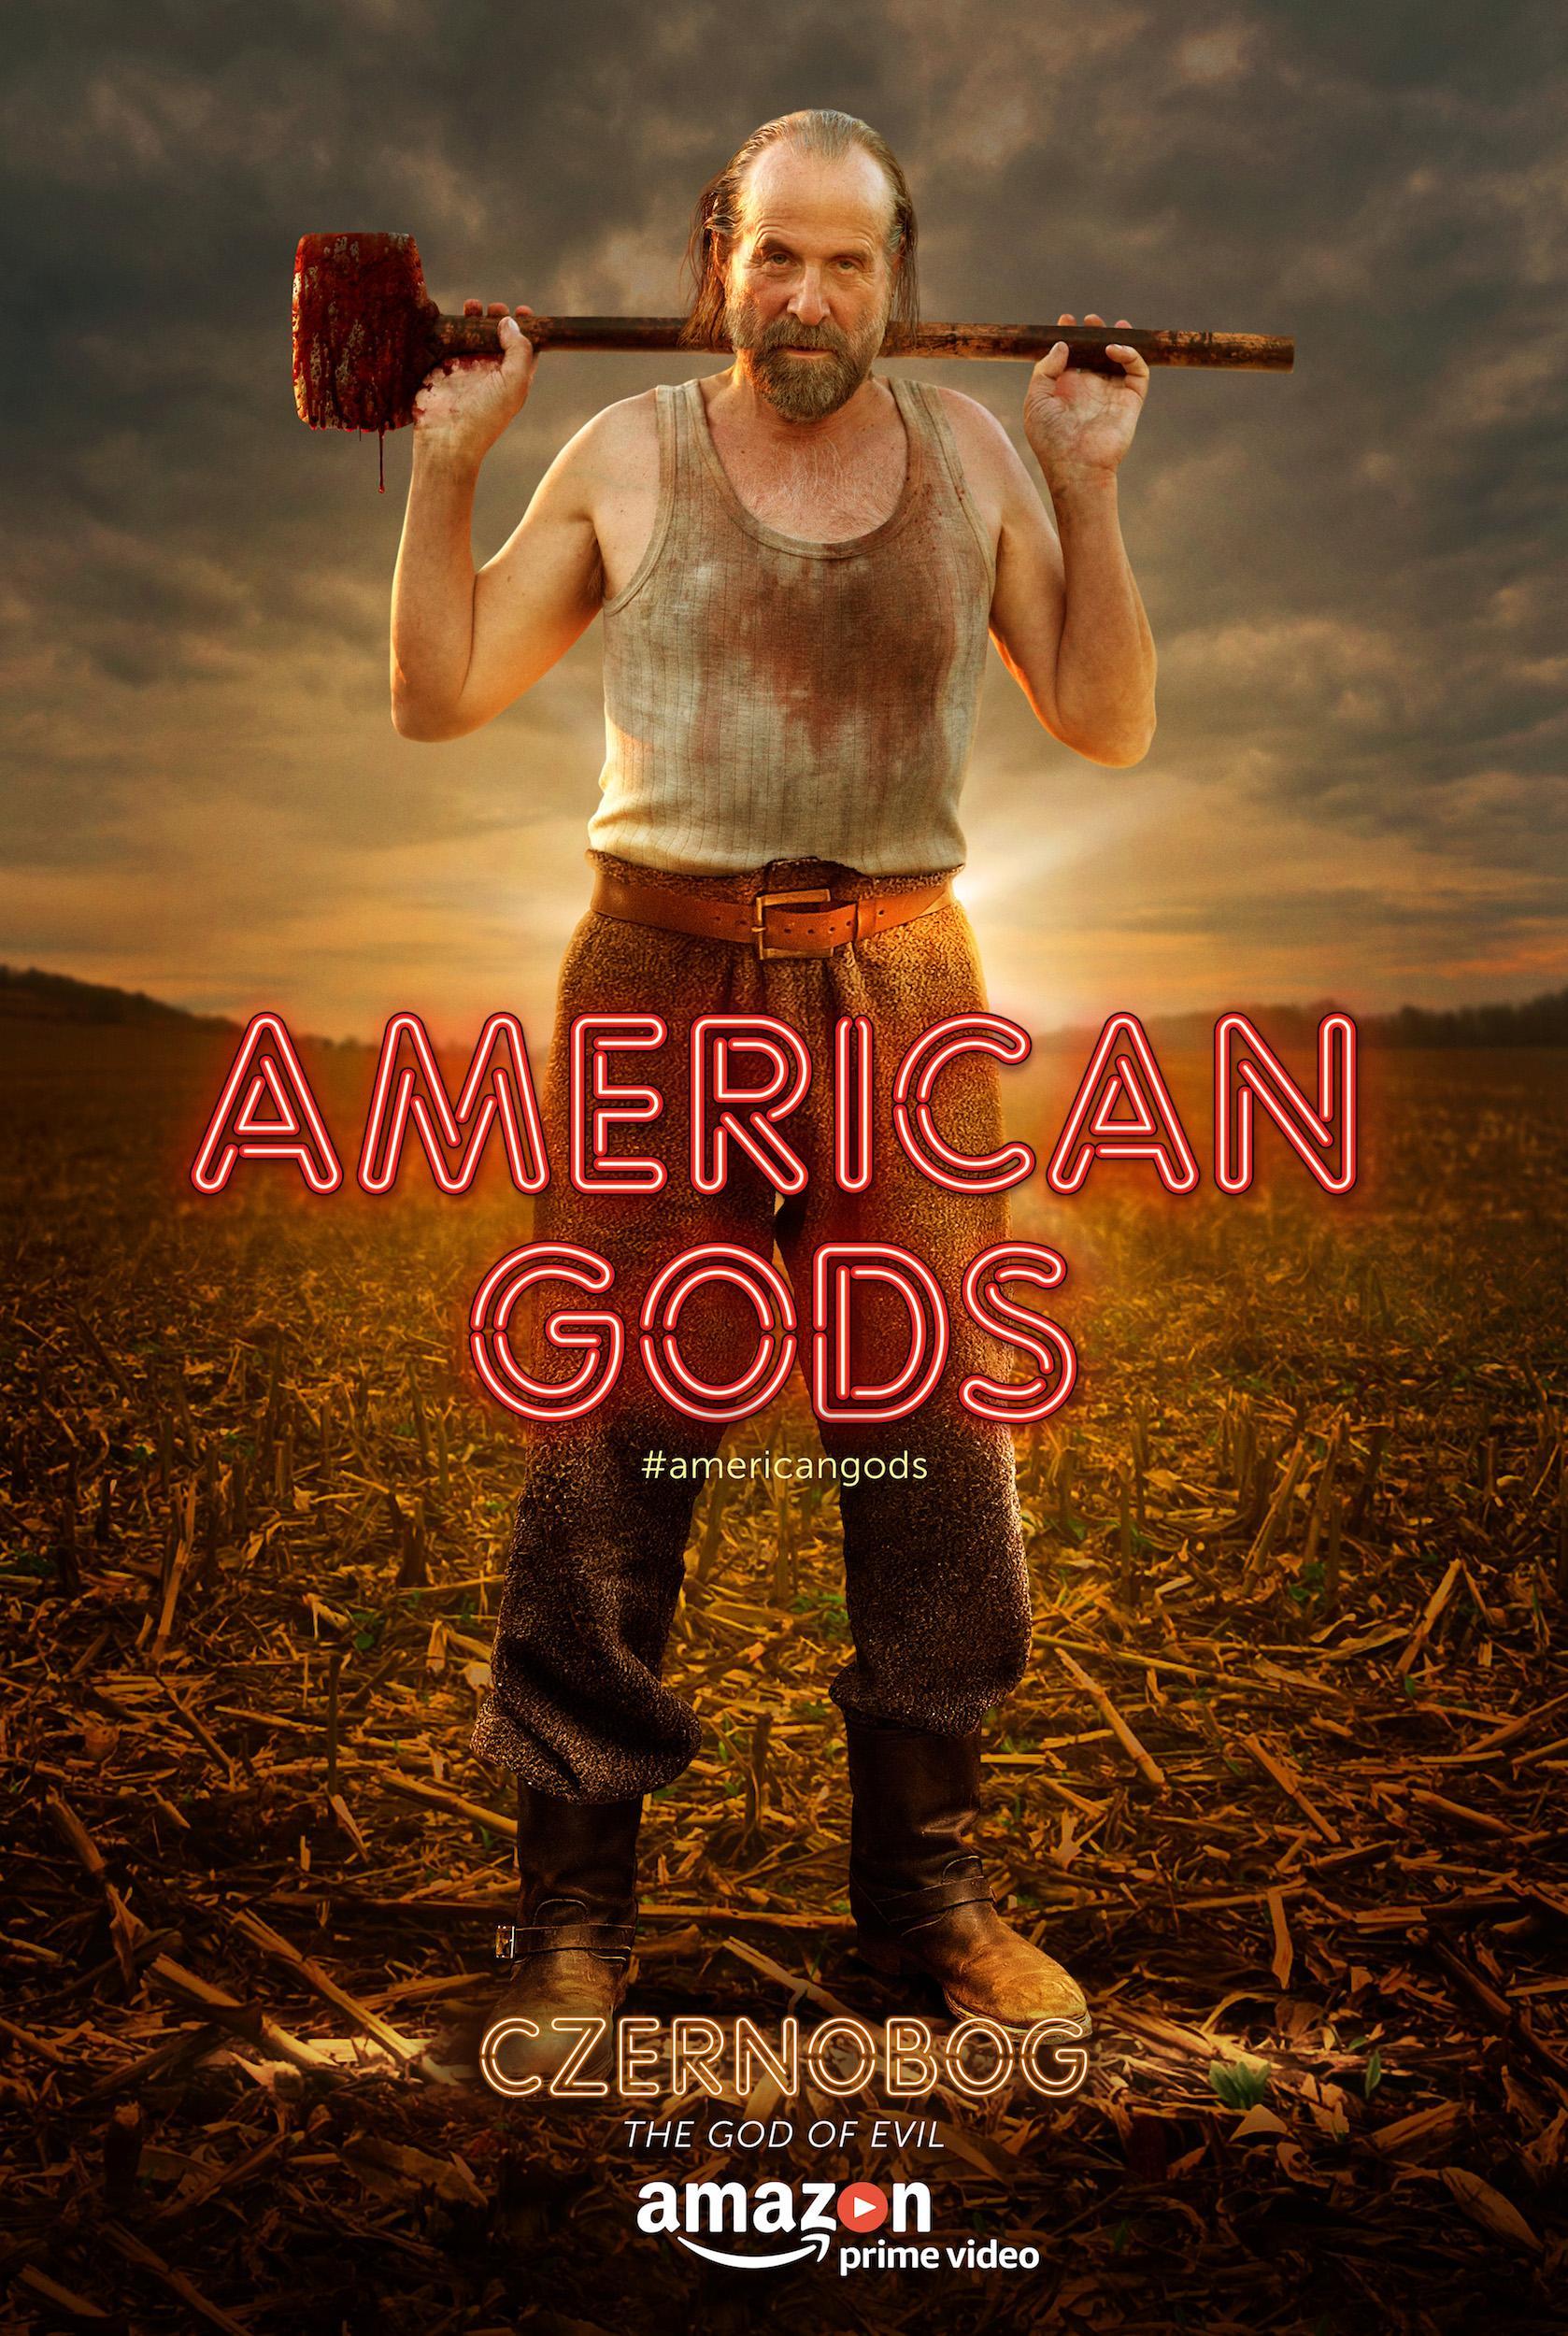 دانلود سریال خدایان آمریکایی